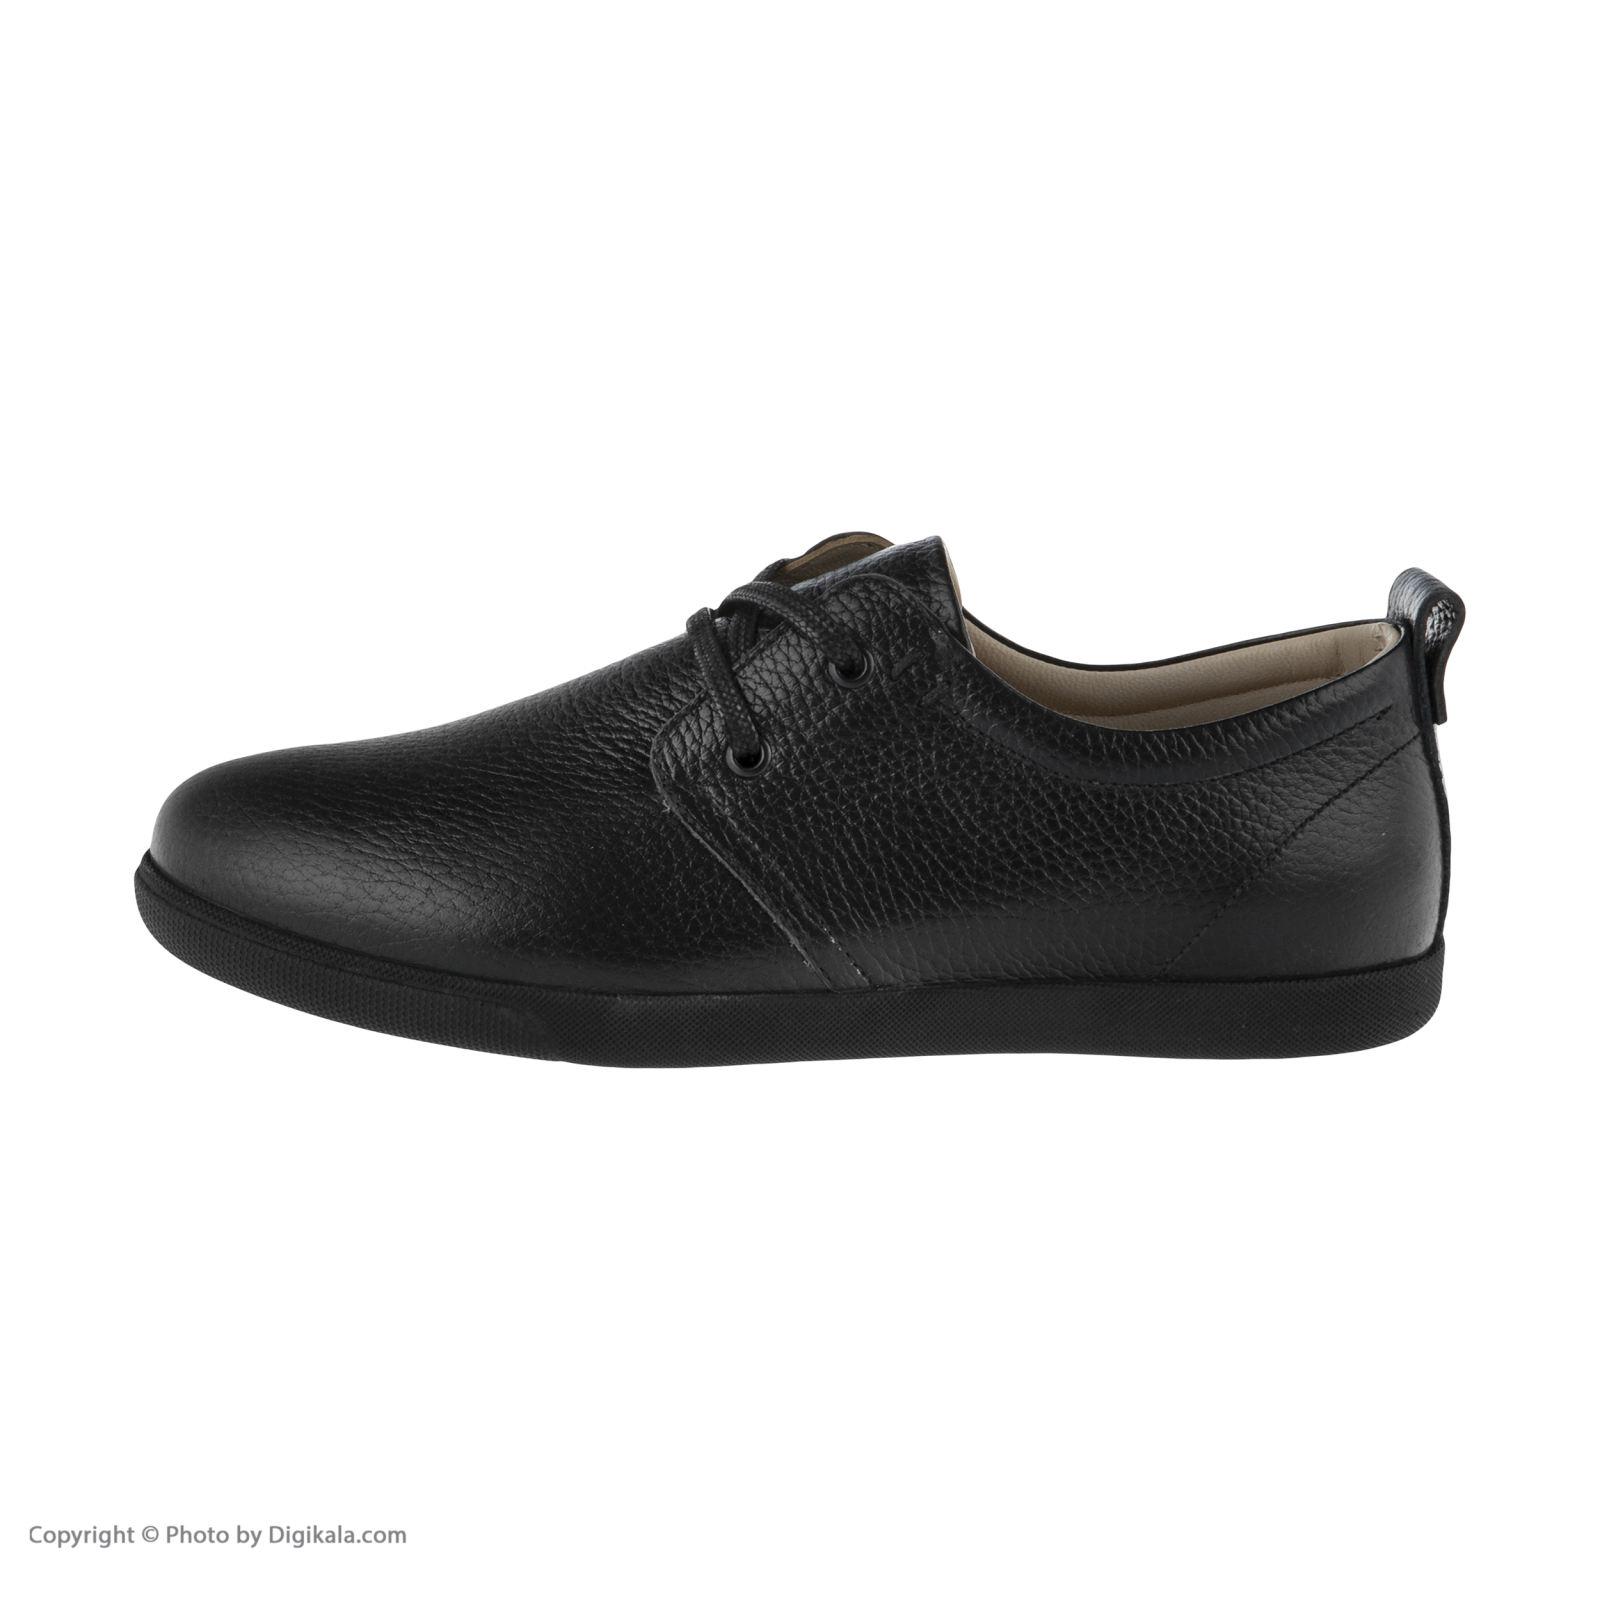 تصویر کفش روزمره زنانه برتونیکس مدل 155-B-027